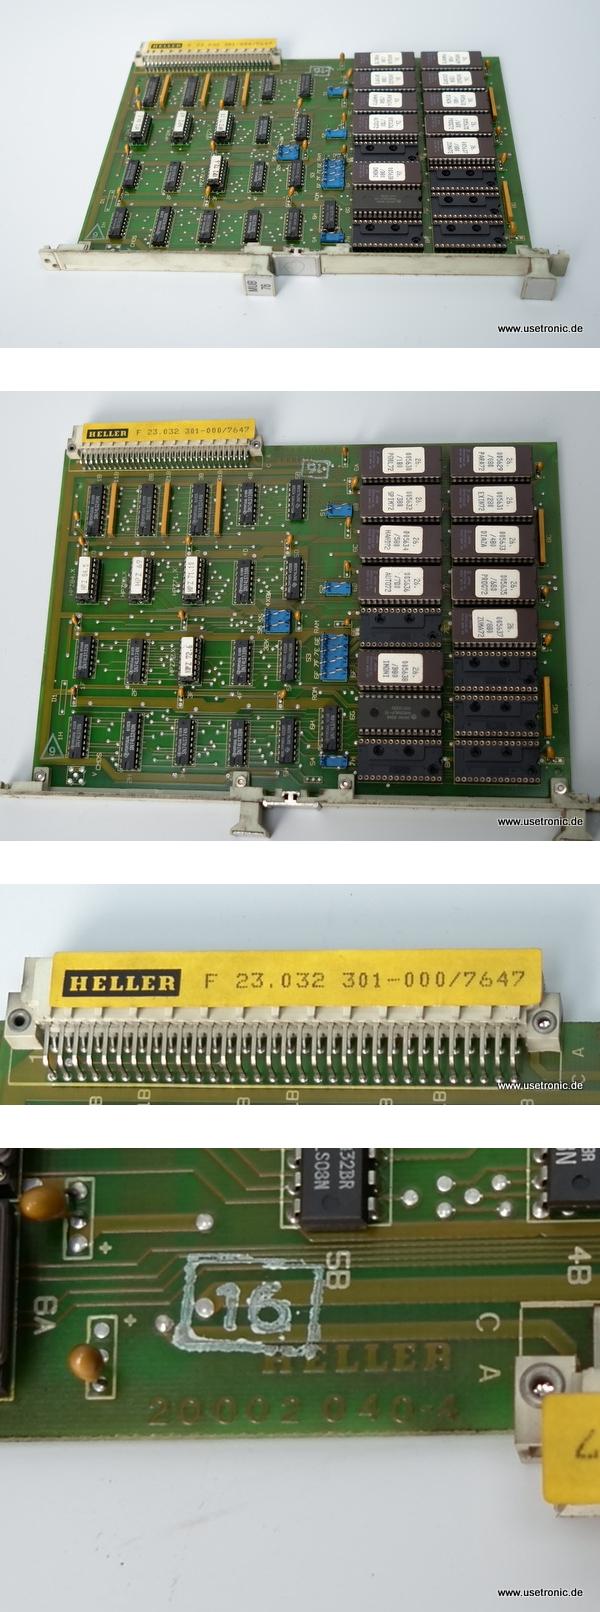 Heller F 23.032 301-000/7647